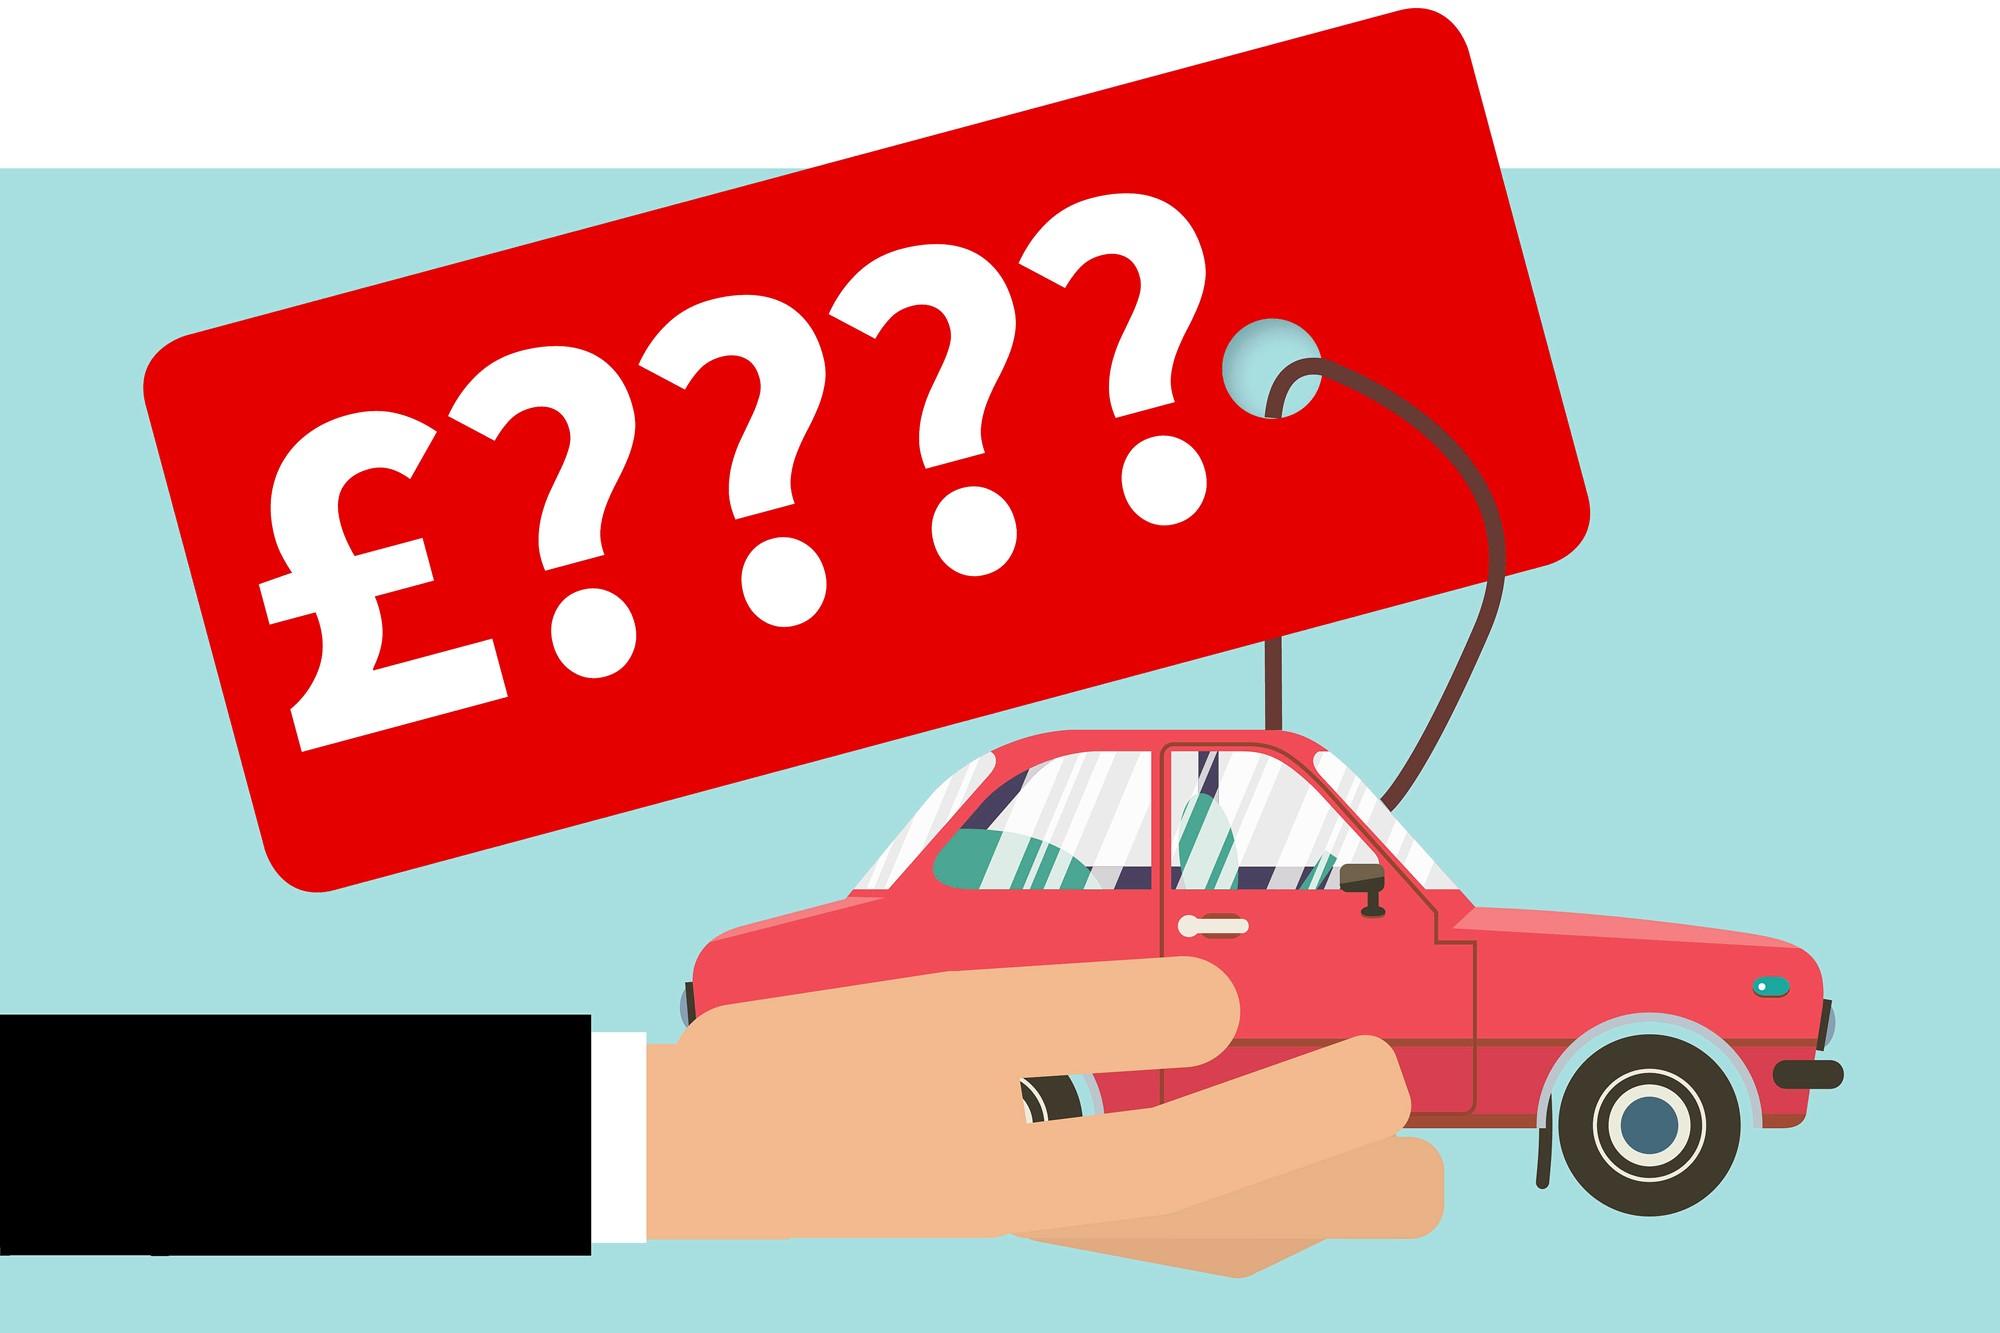 هوشمندانه ترین قیمت گذاری سرمایه خودرو، از آن کیست؟